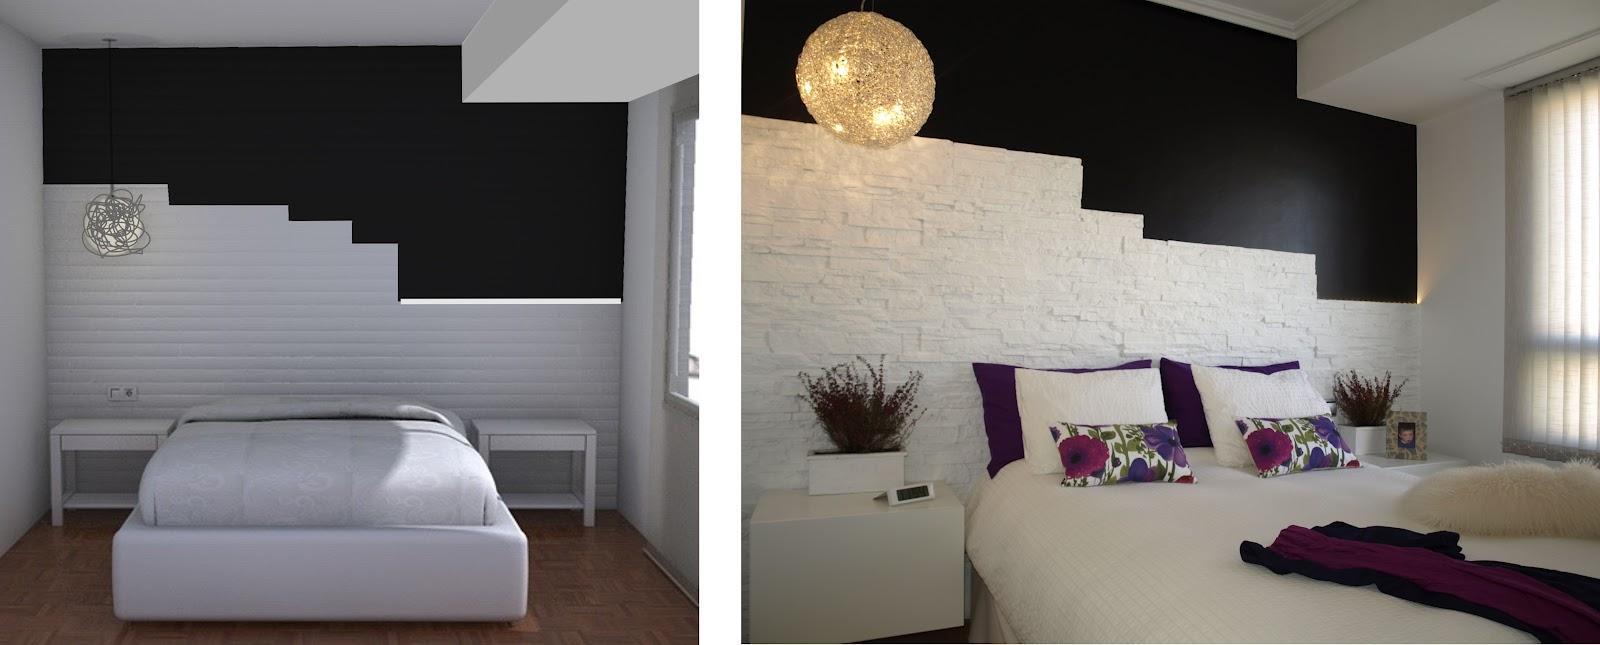 Raquel molina habitaci n de matrimonio for Simulador habitacion 3d